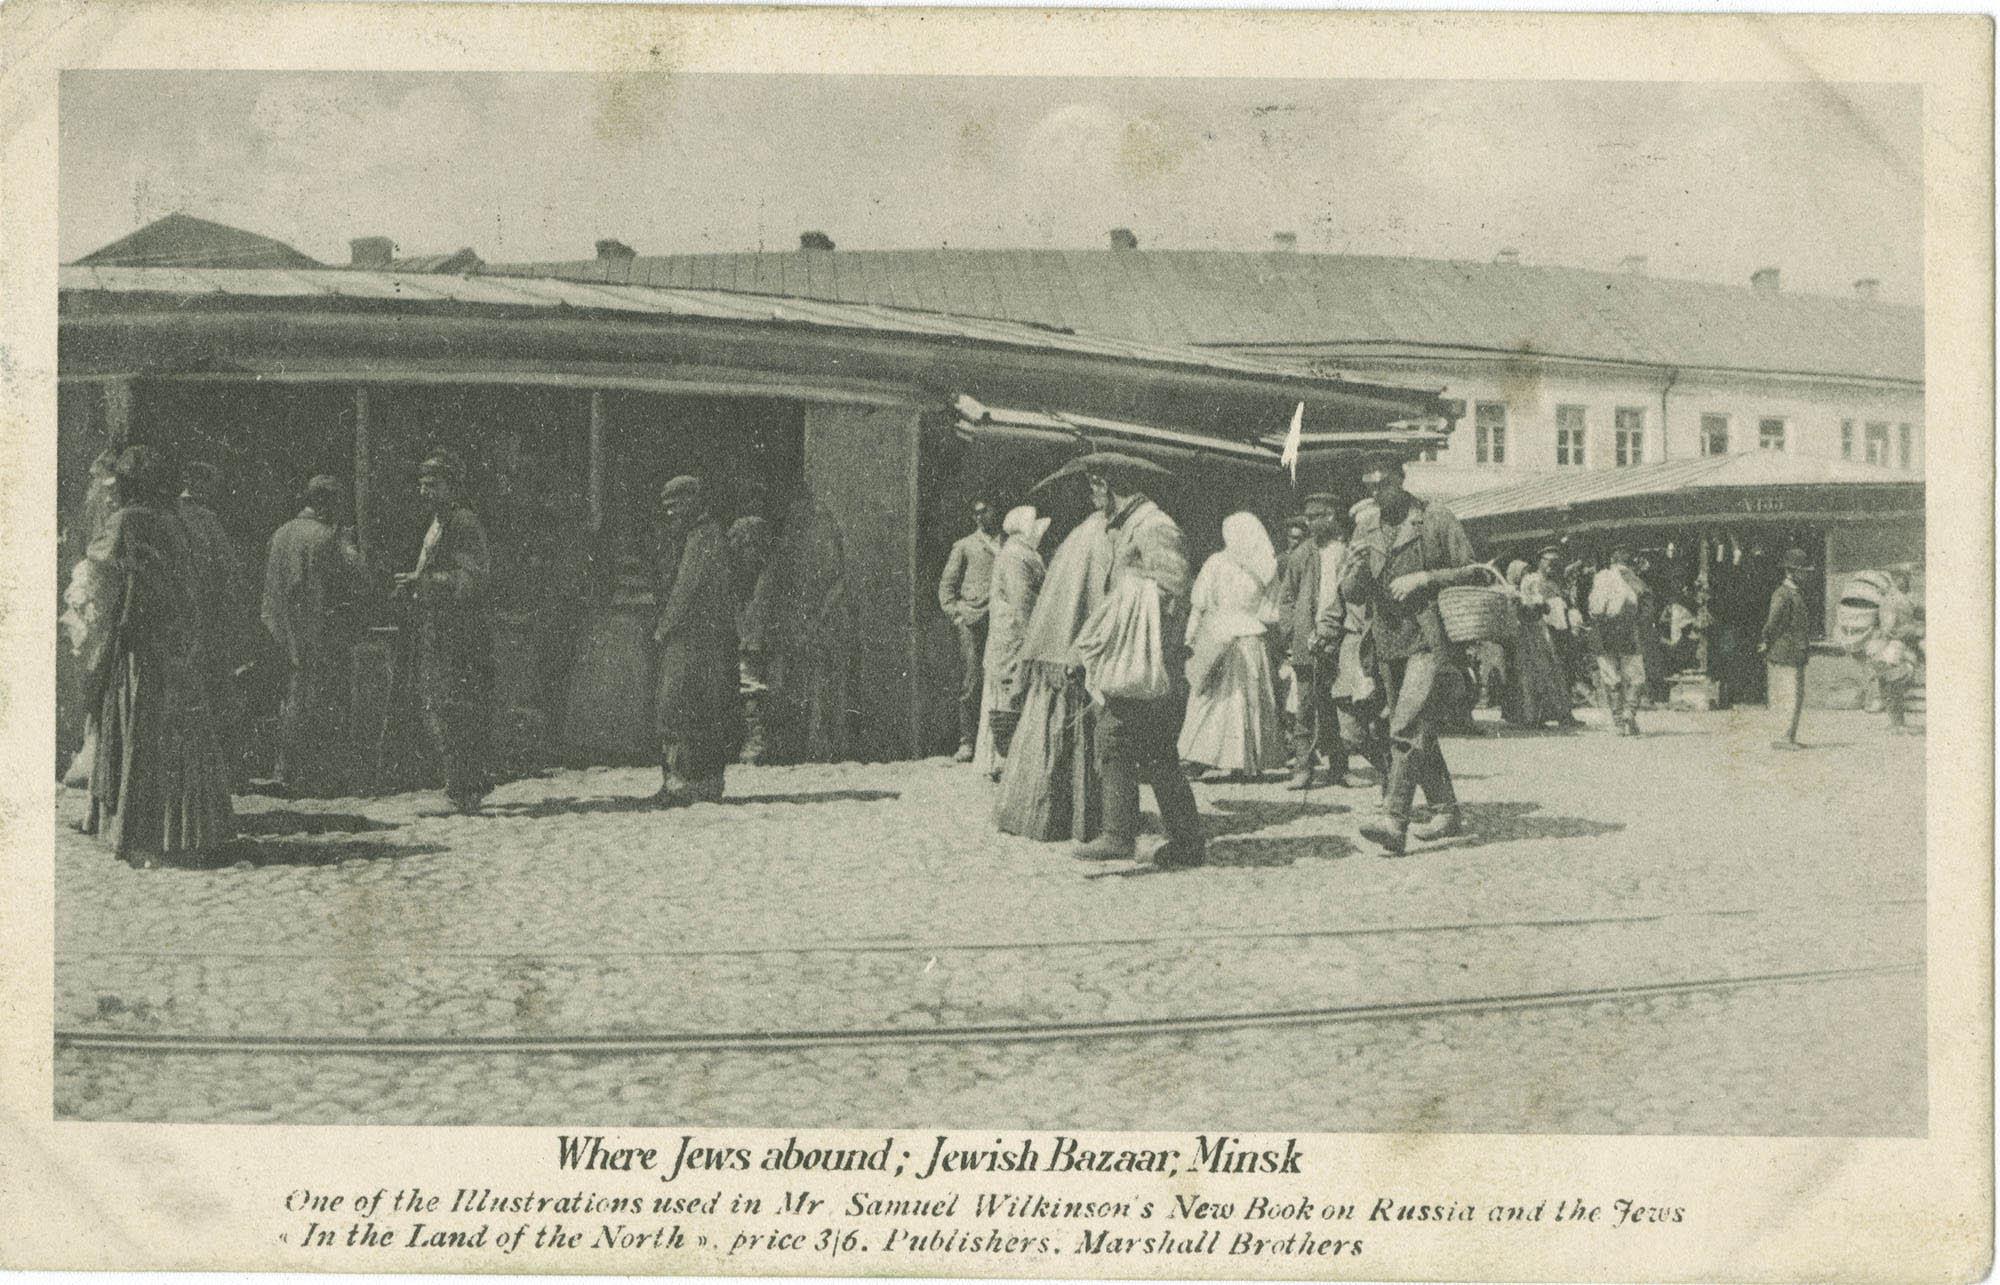 Where Jews abound : Jewish Bazaar, Minsk